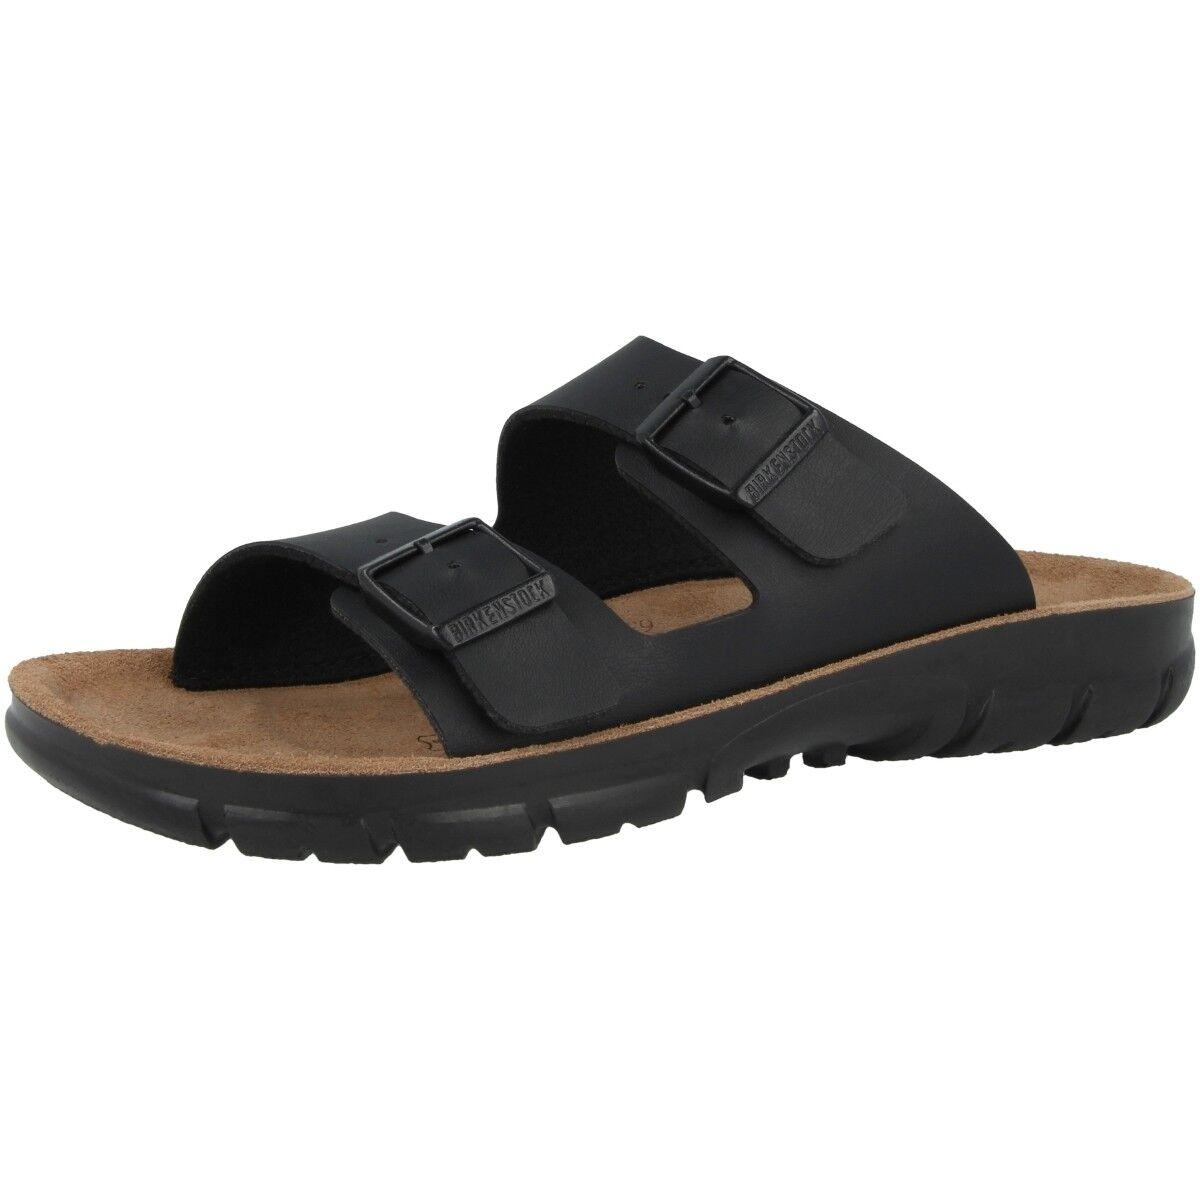 Birkenstock Bilbao Birko-Flor Weichbettung Schuhe Sandalen 520793 Weite schmal